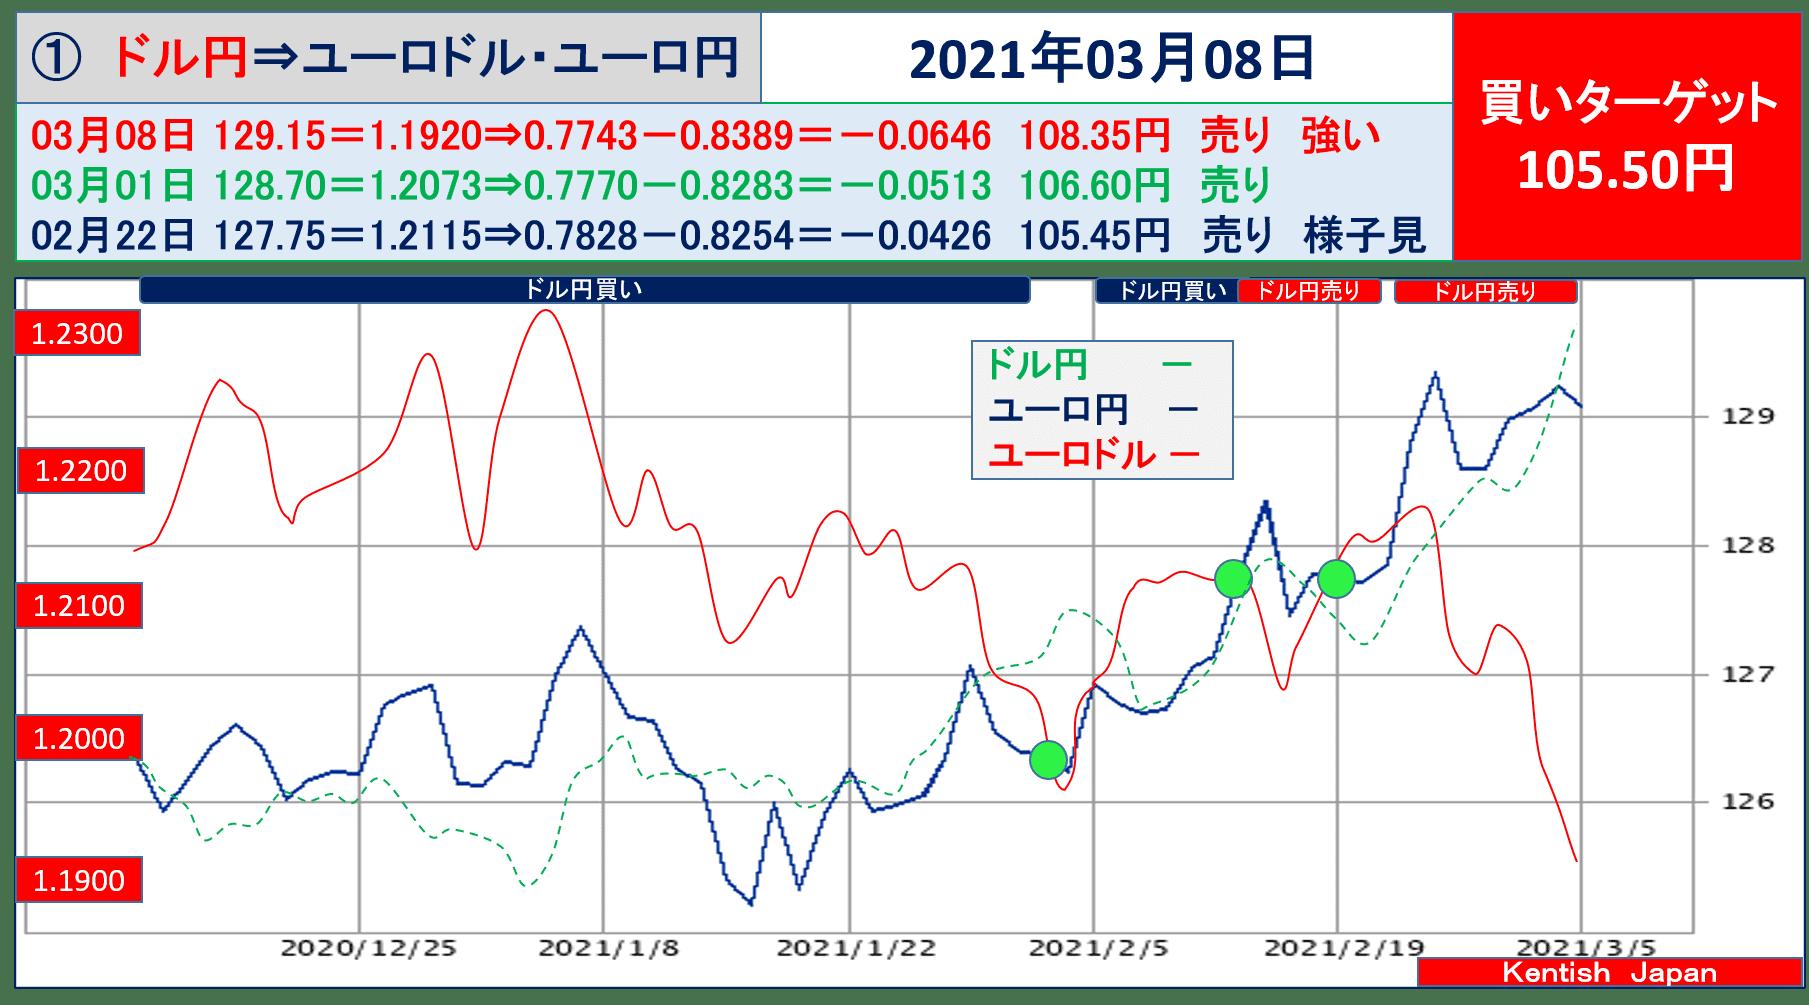 2021年3月8日週ドル円⇔ユーロから見るドル円相場(ユーロドル⇔ユーロ円)